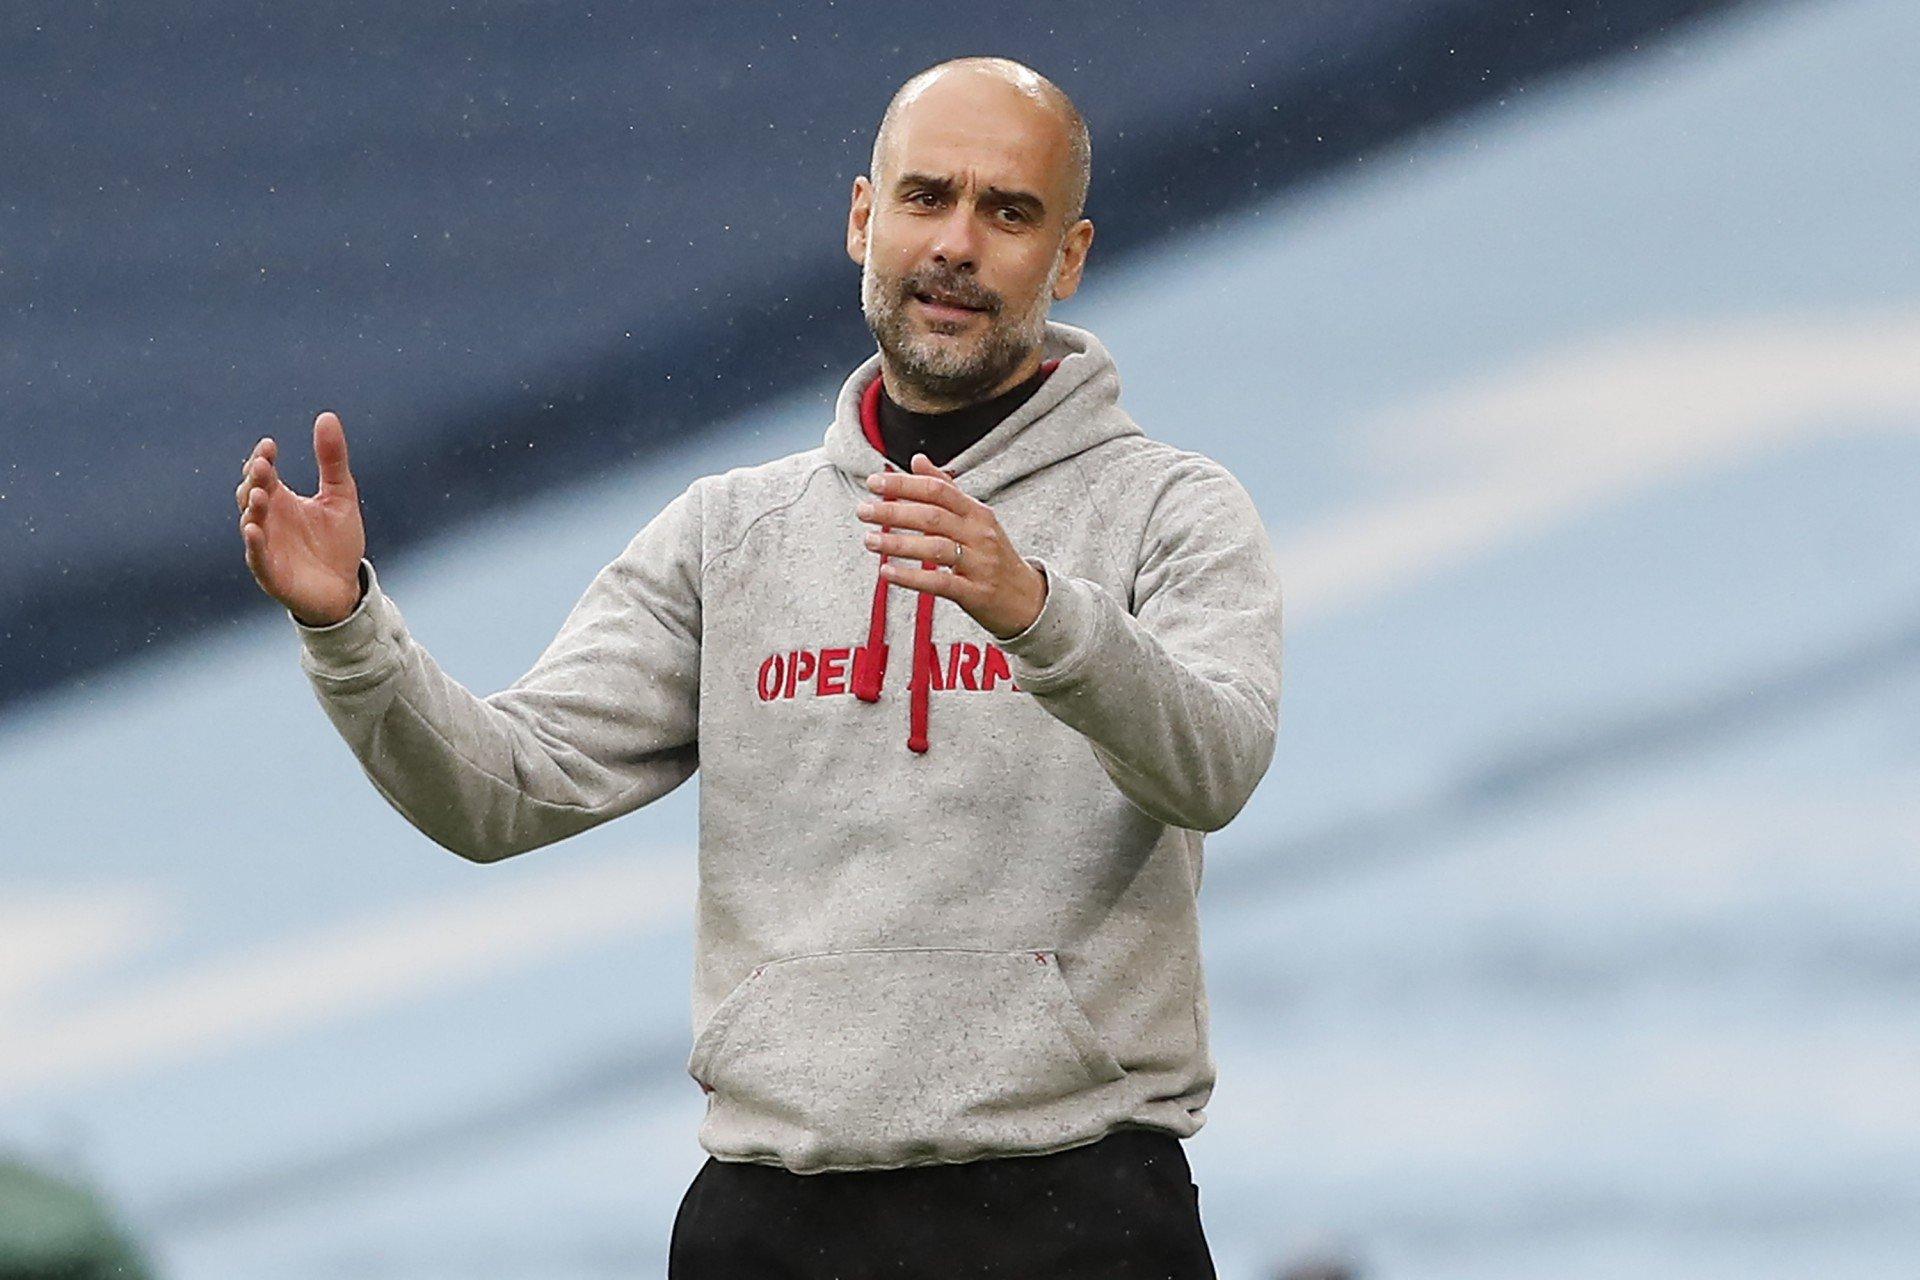 Guardiola cria polêmica ao reclamar de lugares vazios no estádio em jogo do City